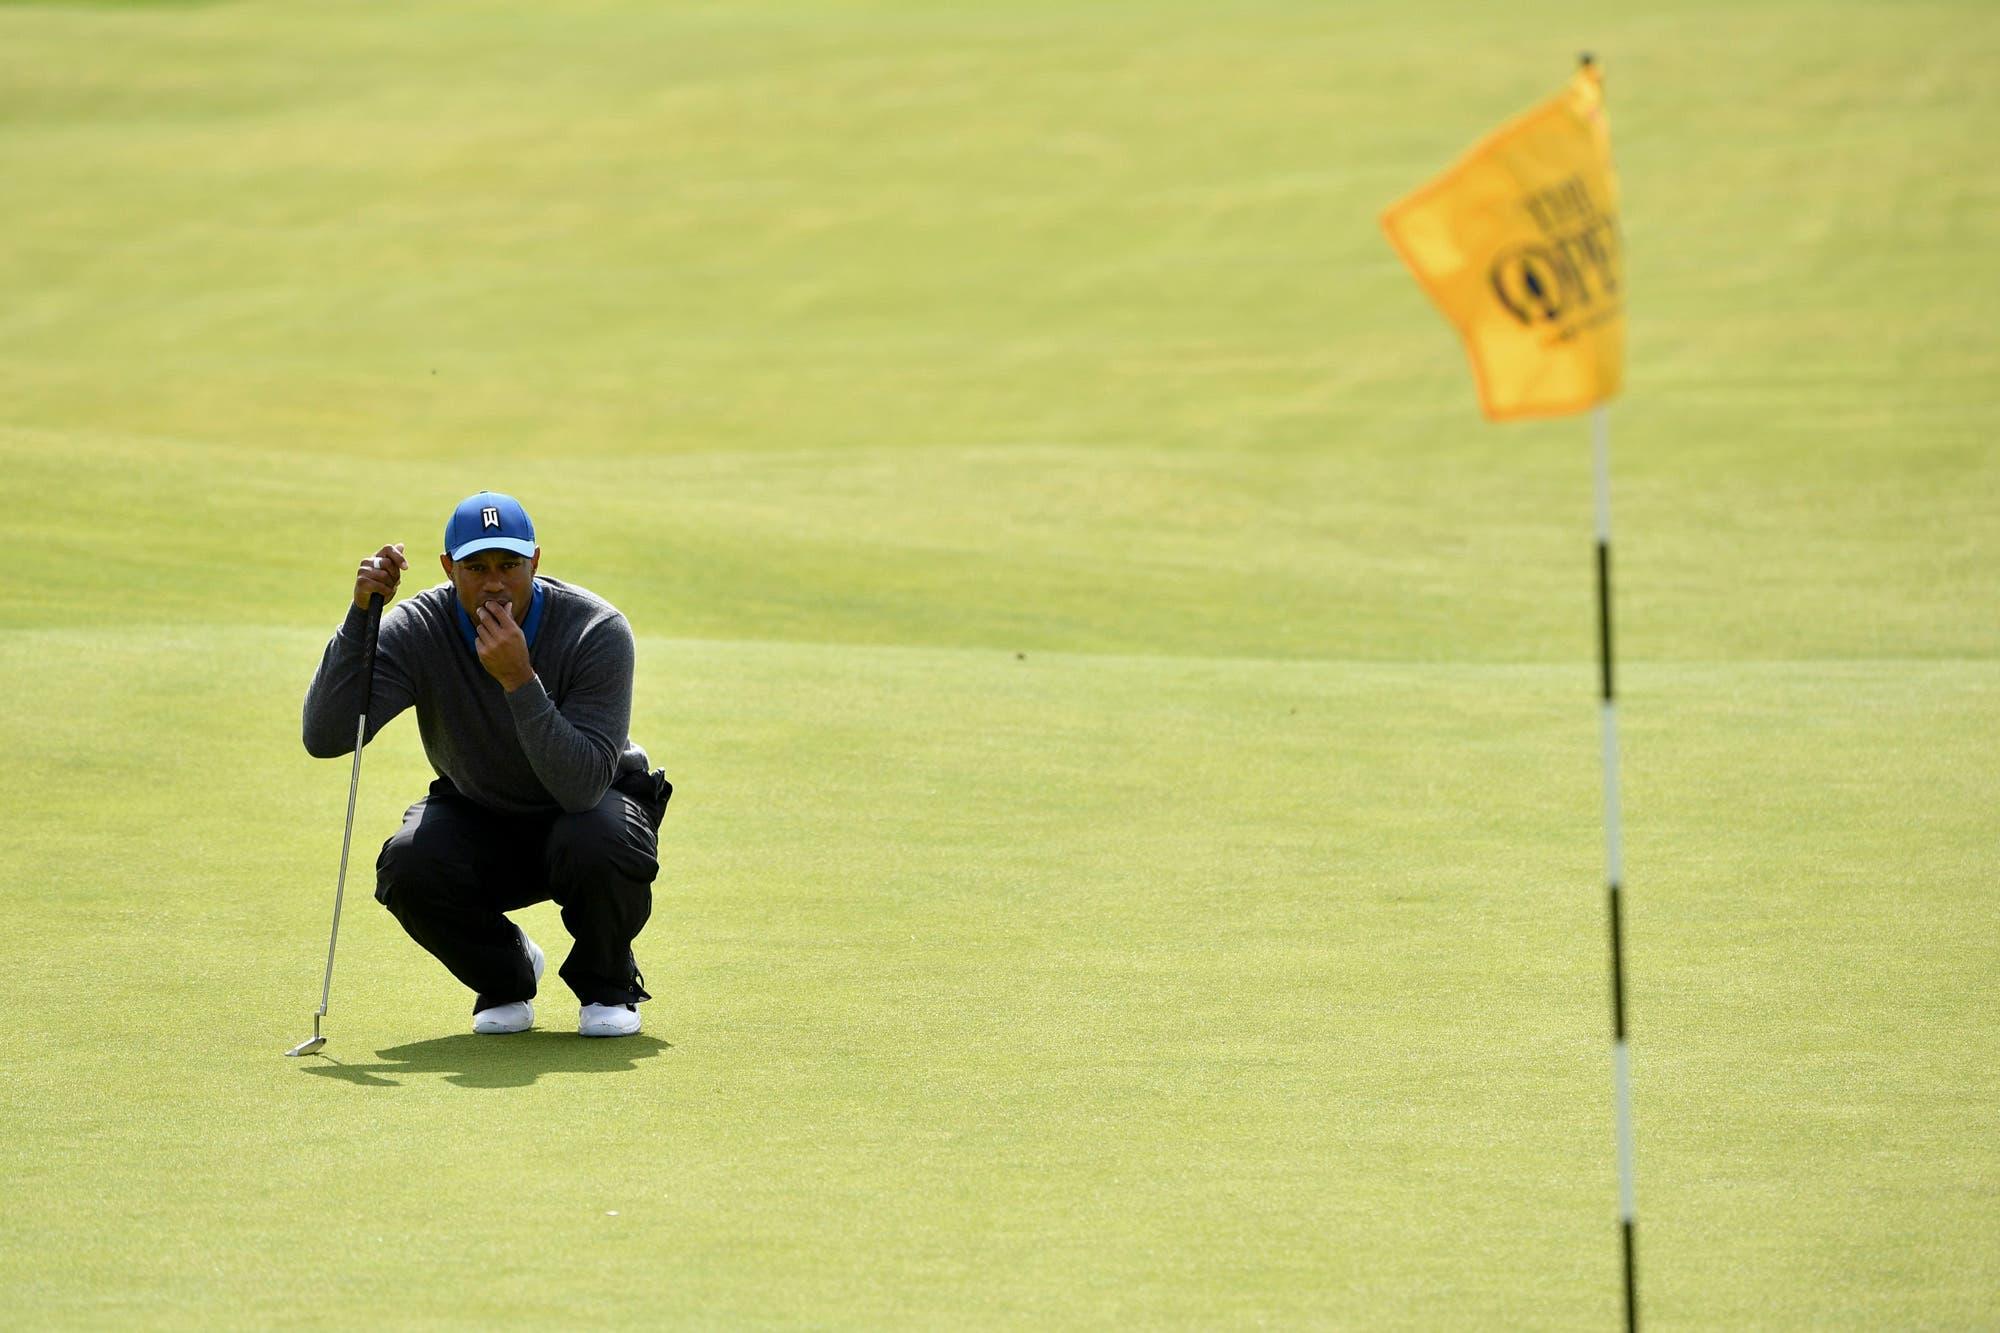 Abierto Británico: Tiger Woods apiló errores y es el más ilustre de los grandes que cierran la tabla